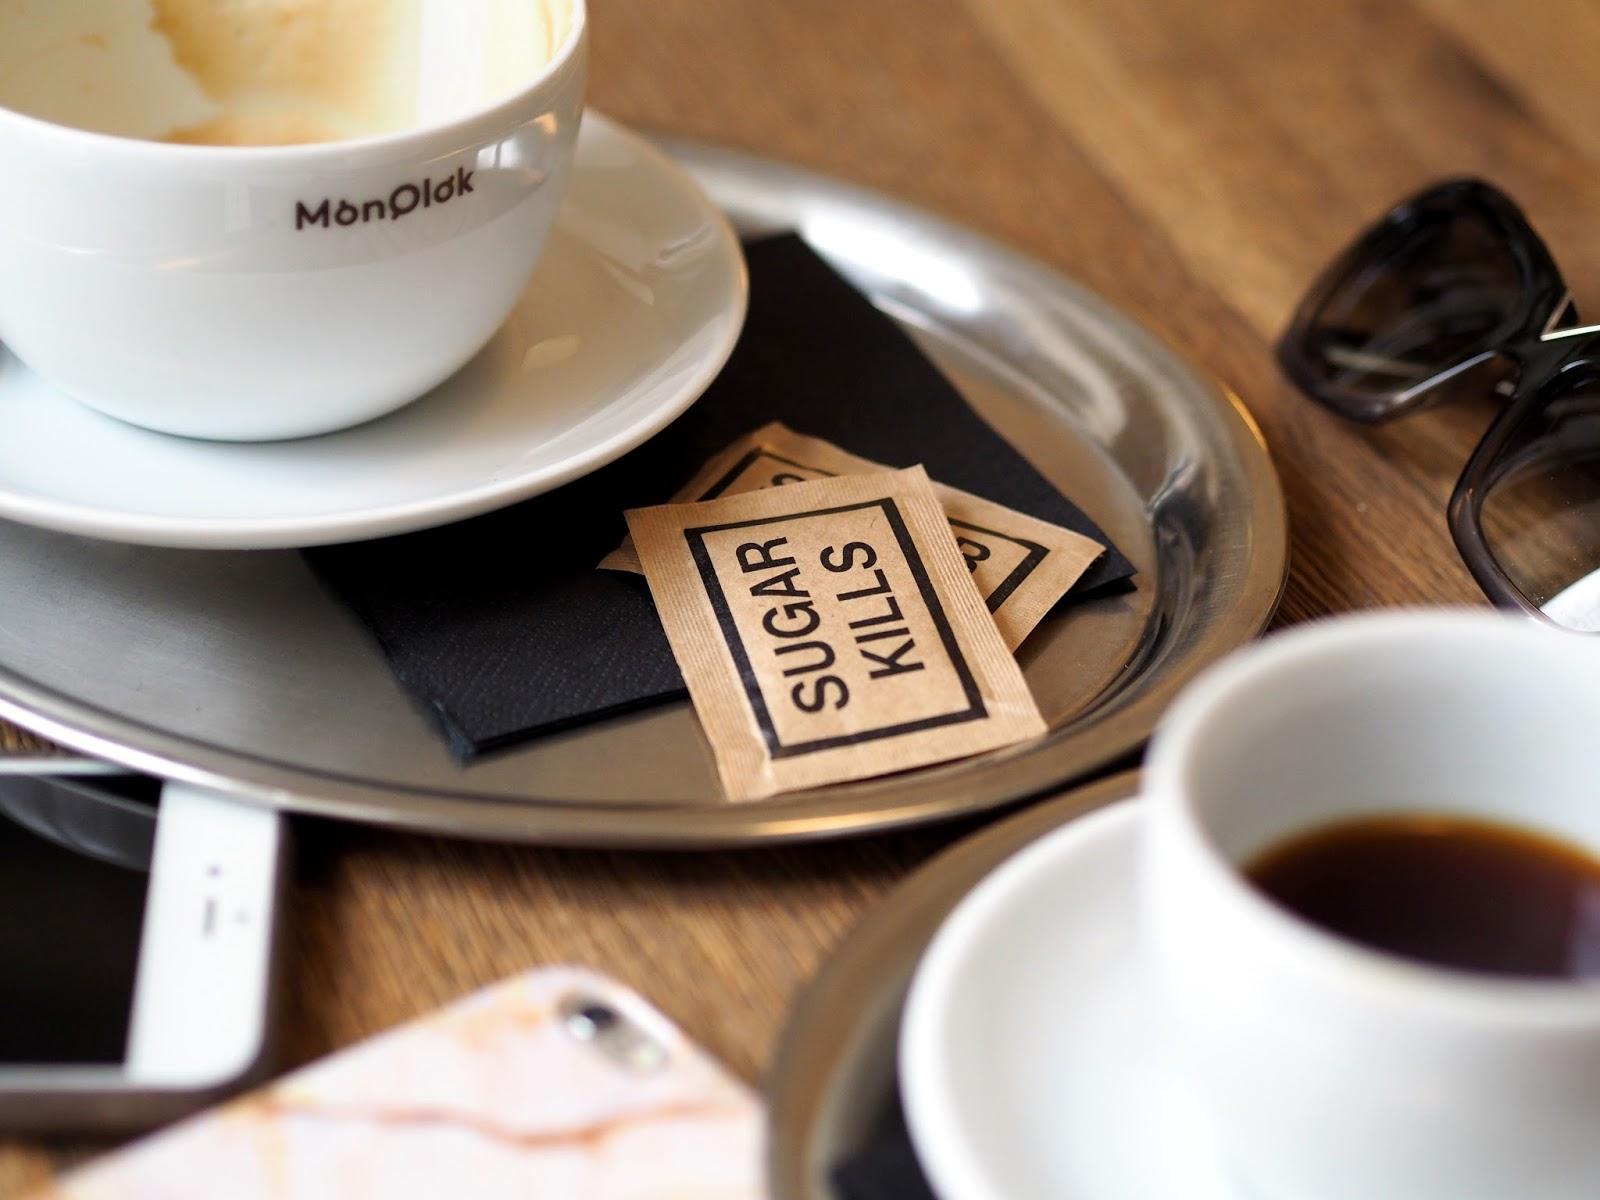 nejlepší kavárny Praha monolok cafe